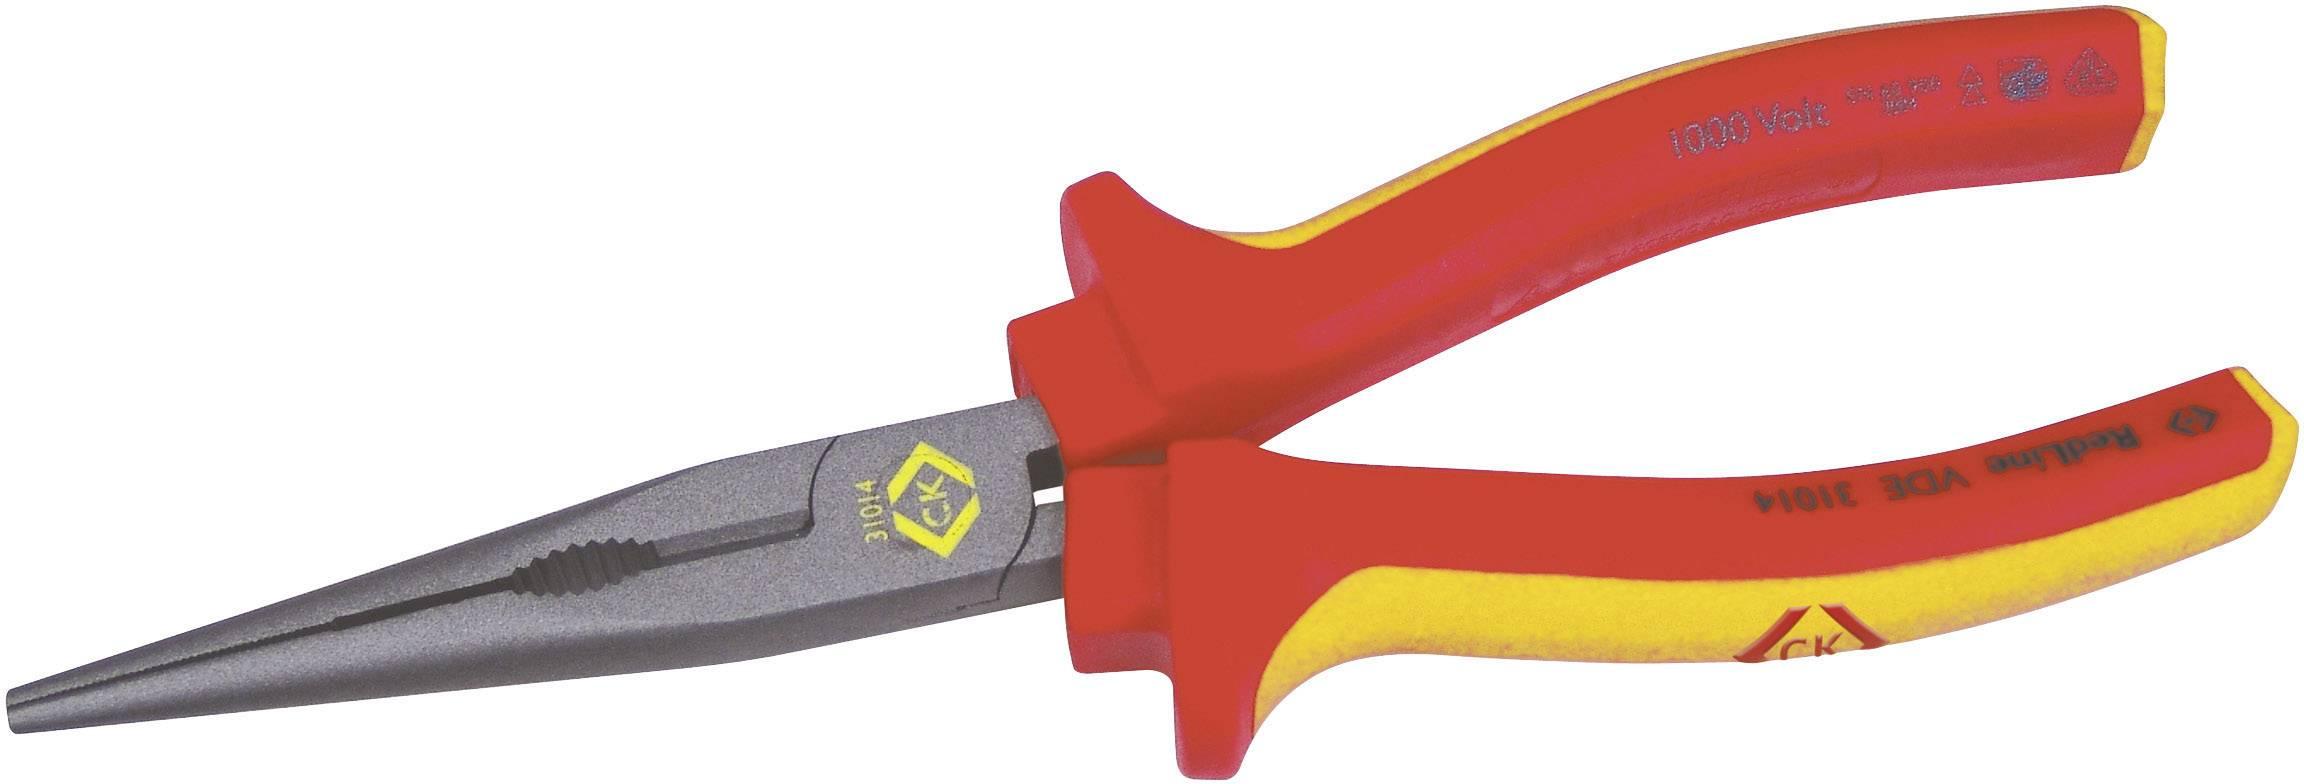 Špičaté kleště rovné VDE C.K. 431014, 200 mm